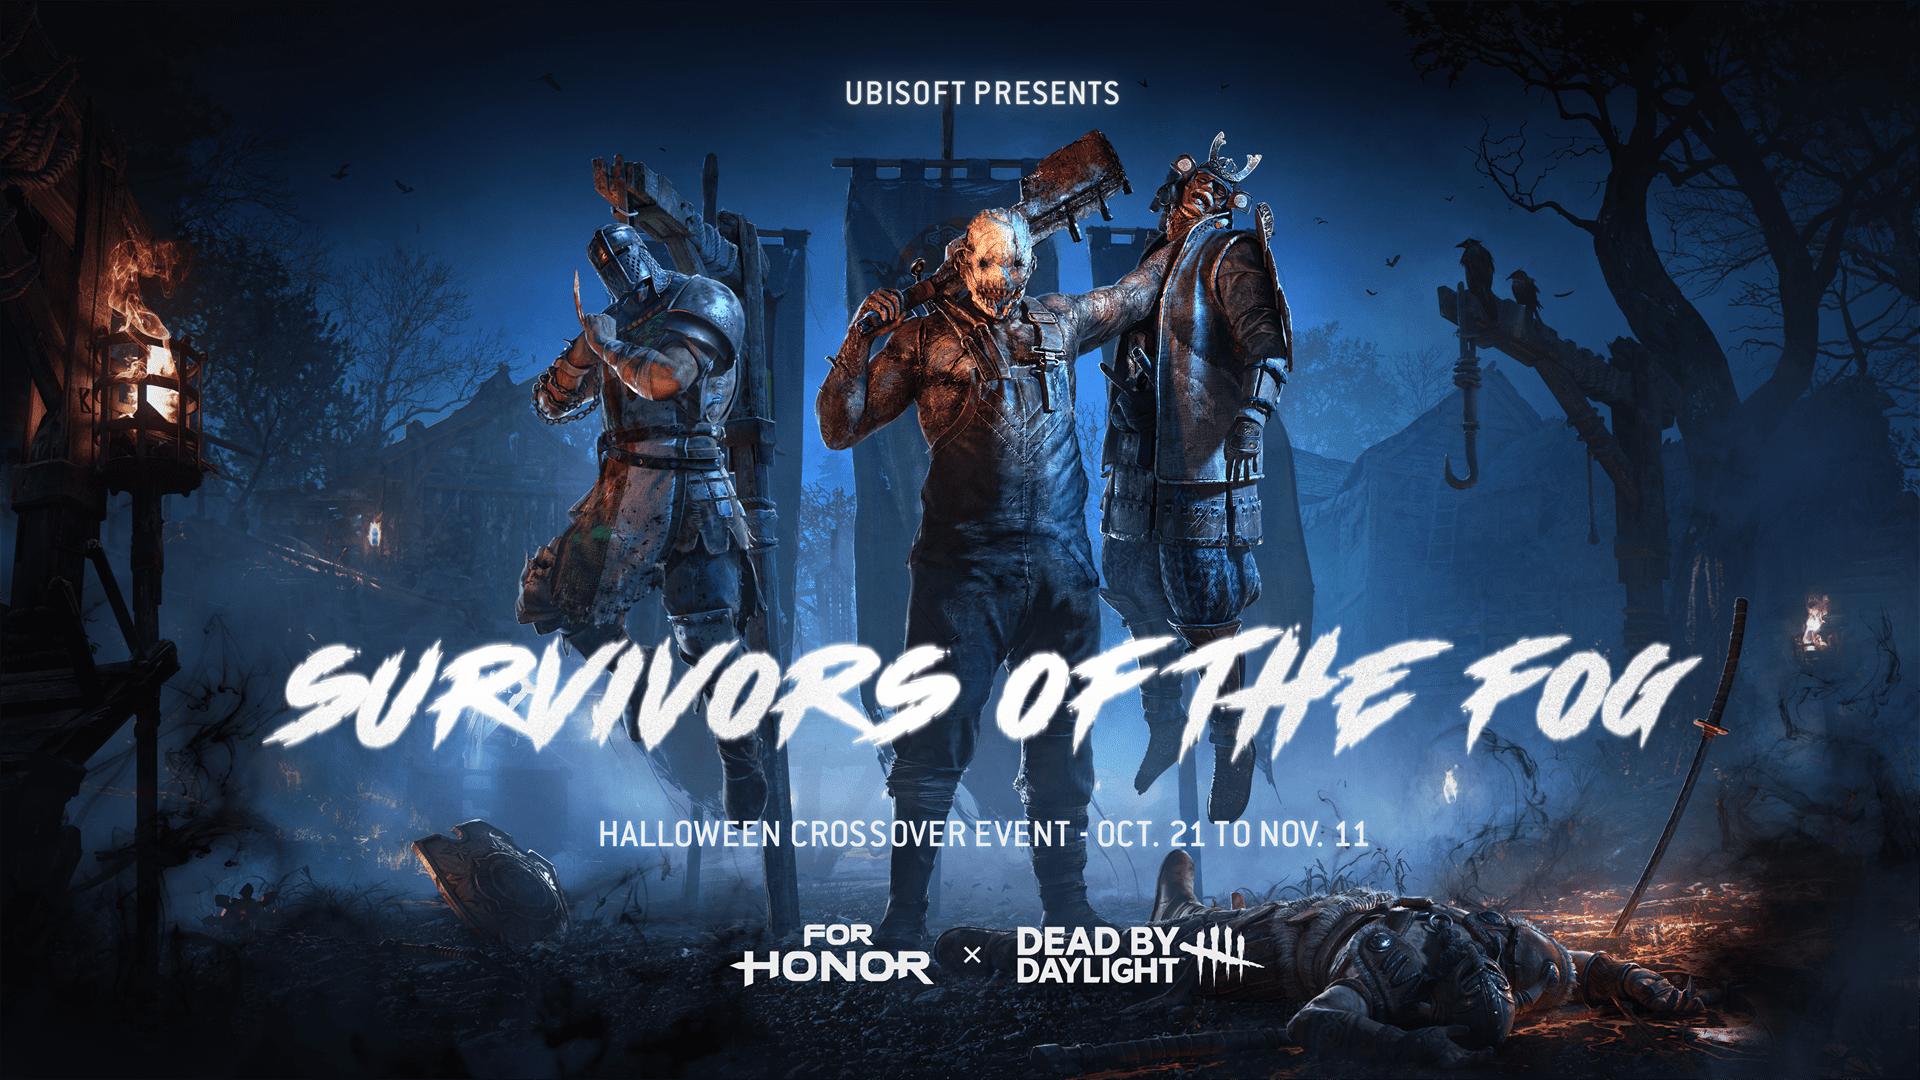 เหล่าฮีโรของ For Honor  ปะทะกับคิลเลอร์จาก Dead By Daylight  ในโหมดเกมฮัลโลวีนใหม่พร้อมให้เล่นแล้ววันนี้